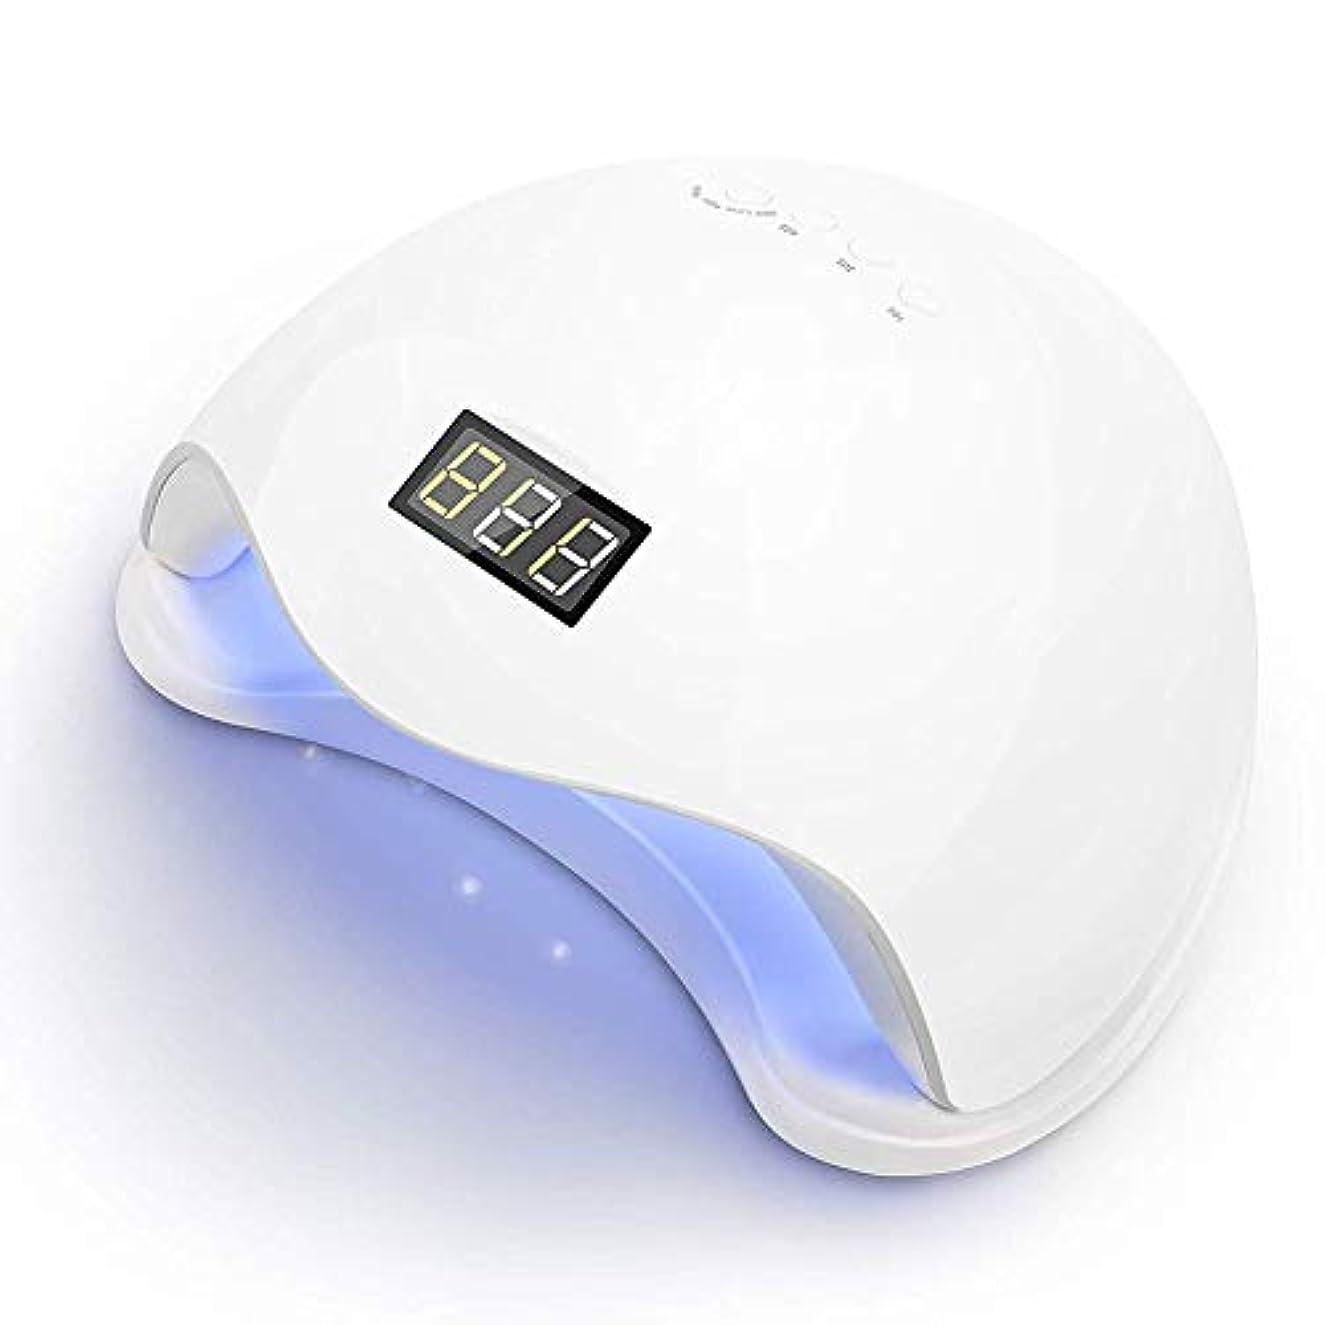 過度のコンペメッシュ釘のドライヤーの治癒ランプ、4つのタイマー10s / 30s / 60s / 99s 36Wのゲルのマニキュアの紫外線のための紫外線LEDの釘ランプ